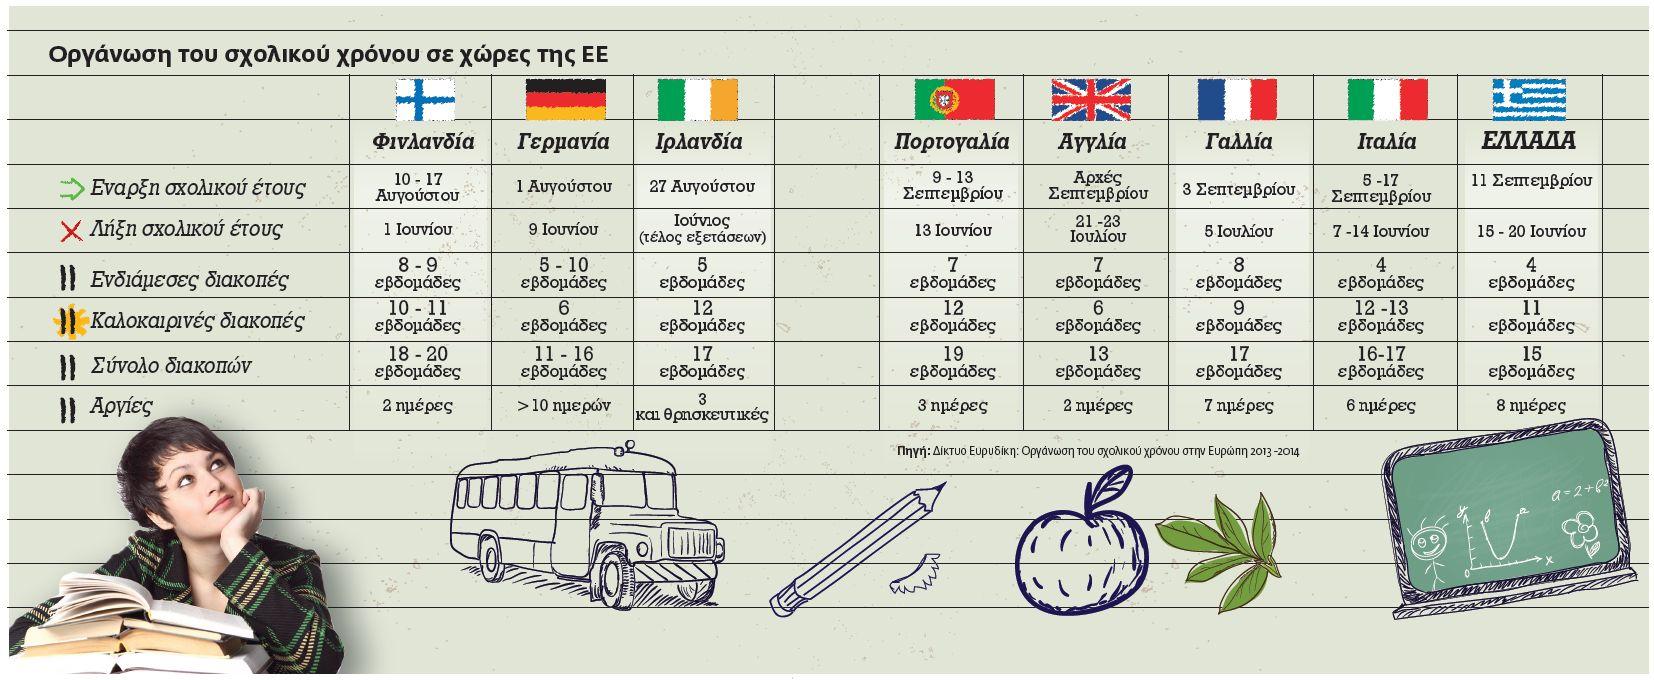 Οργάνωση του σχολικού έτους σε χώρες ΕΕ